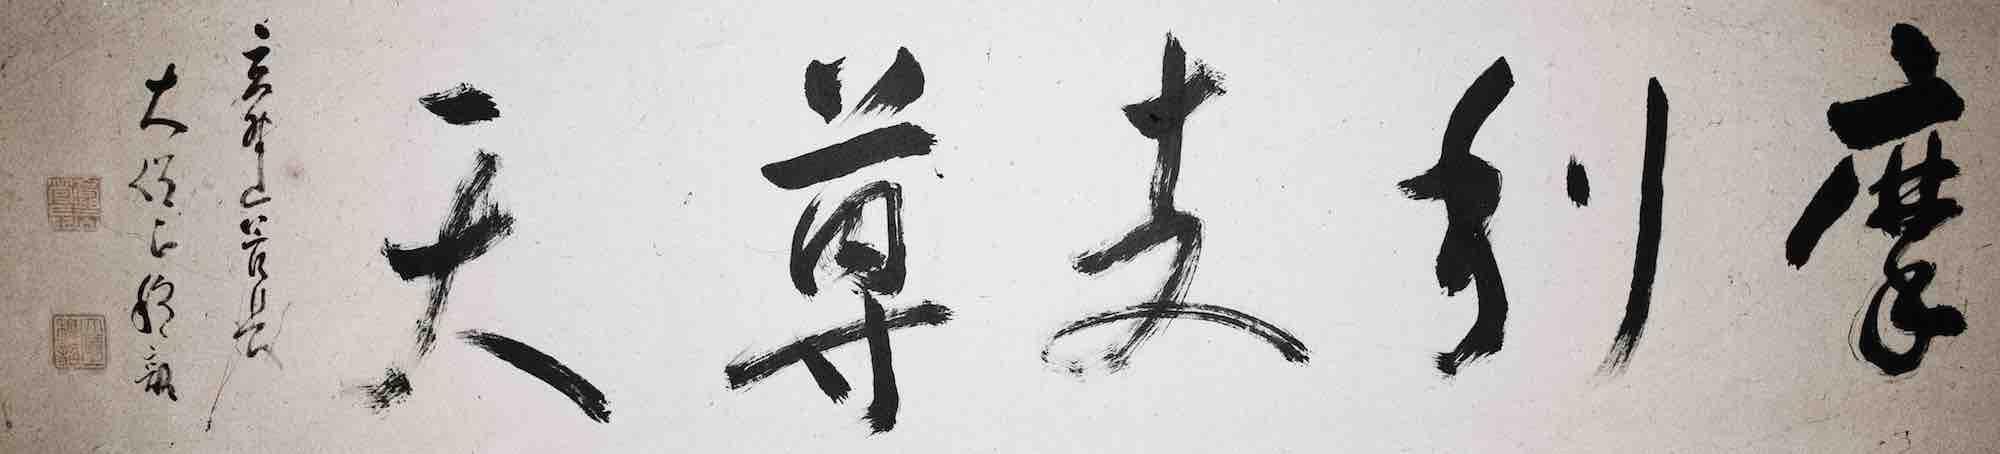 金山穆韶大僧正筆「摩利支尊天」金沢宝泉寺